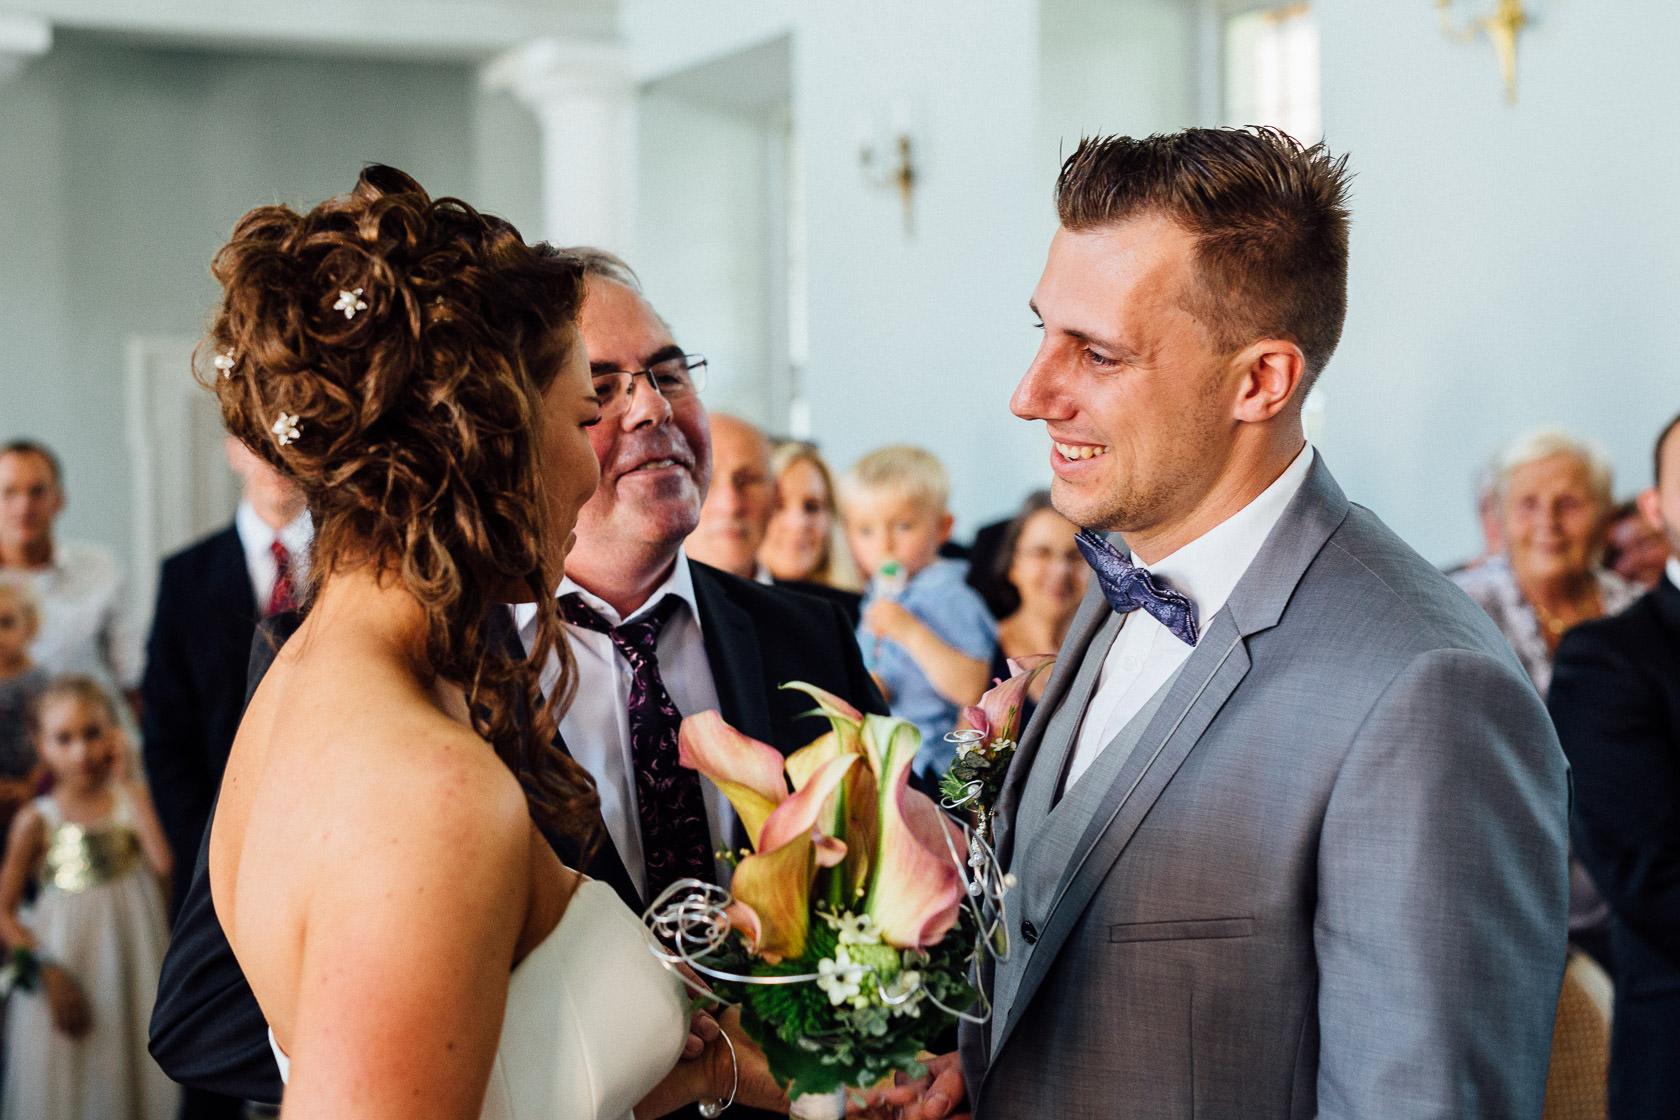 Freie Trauung Jenny und Mathias im Schloss Schwetzingen Übergabe der Braut vom Vater